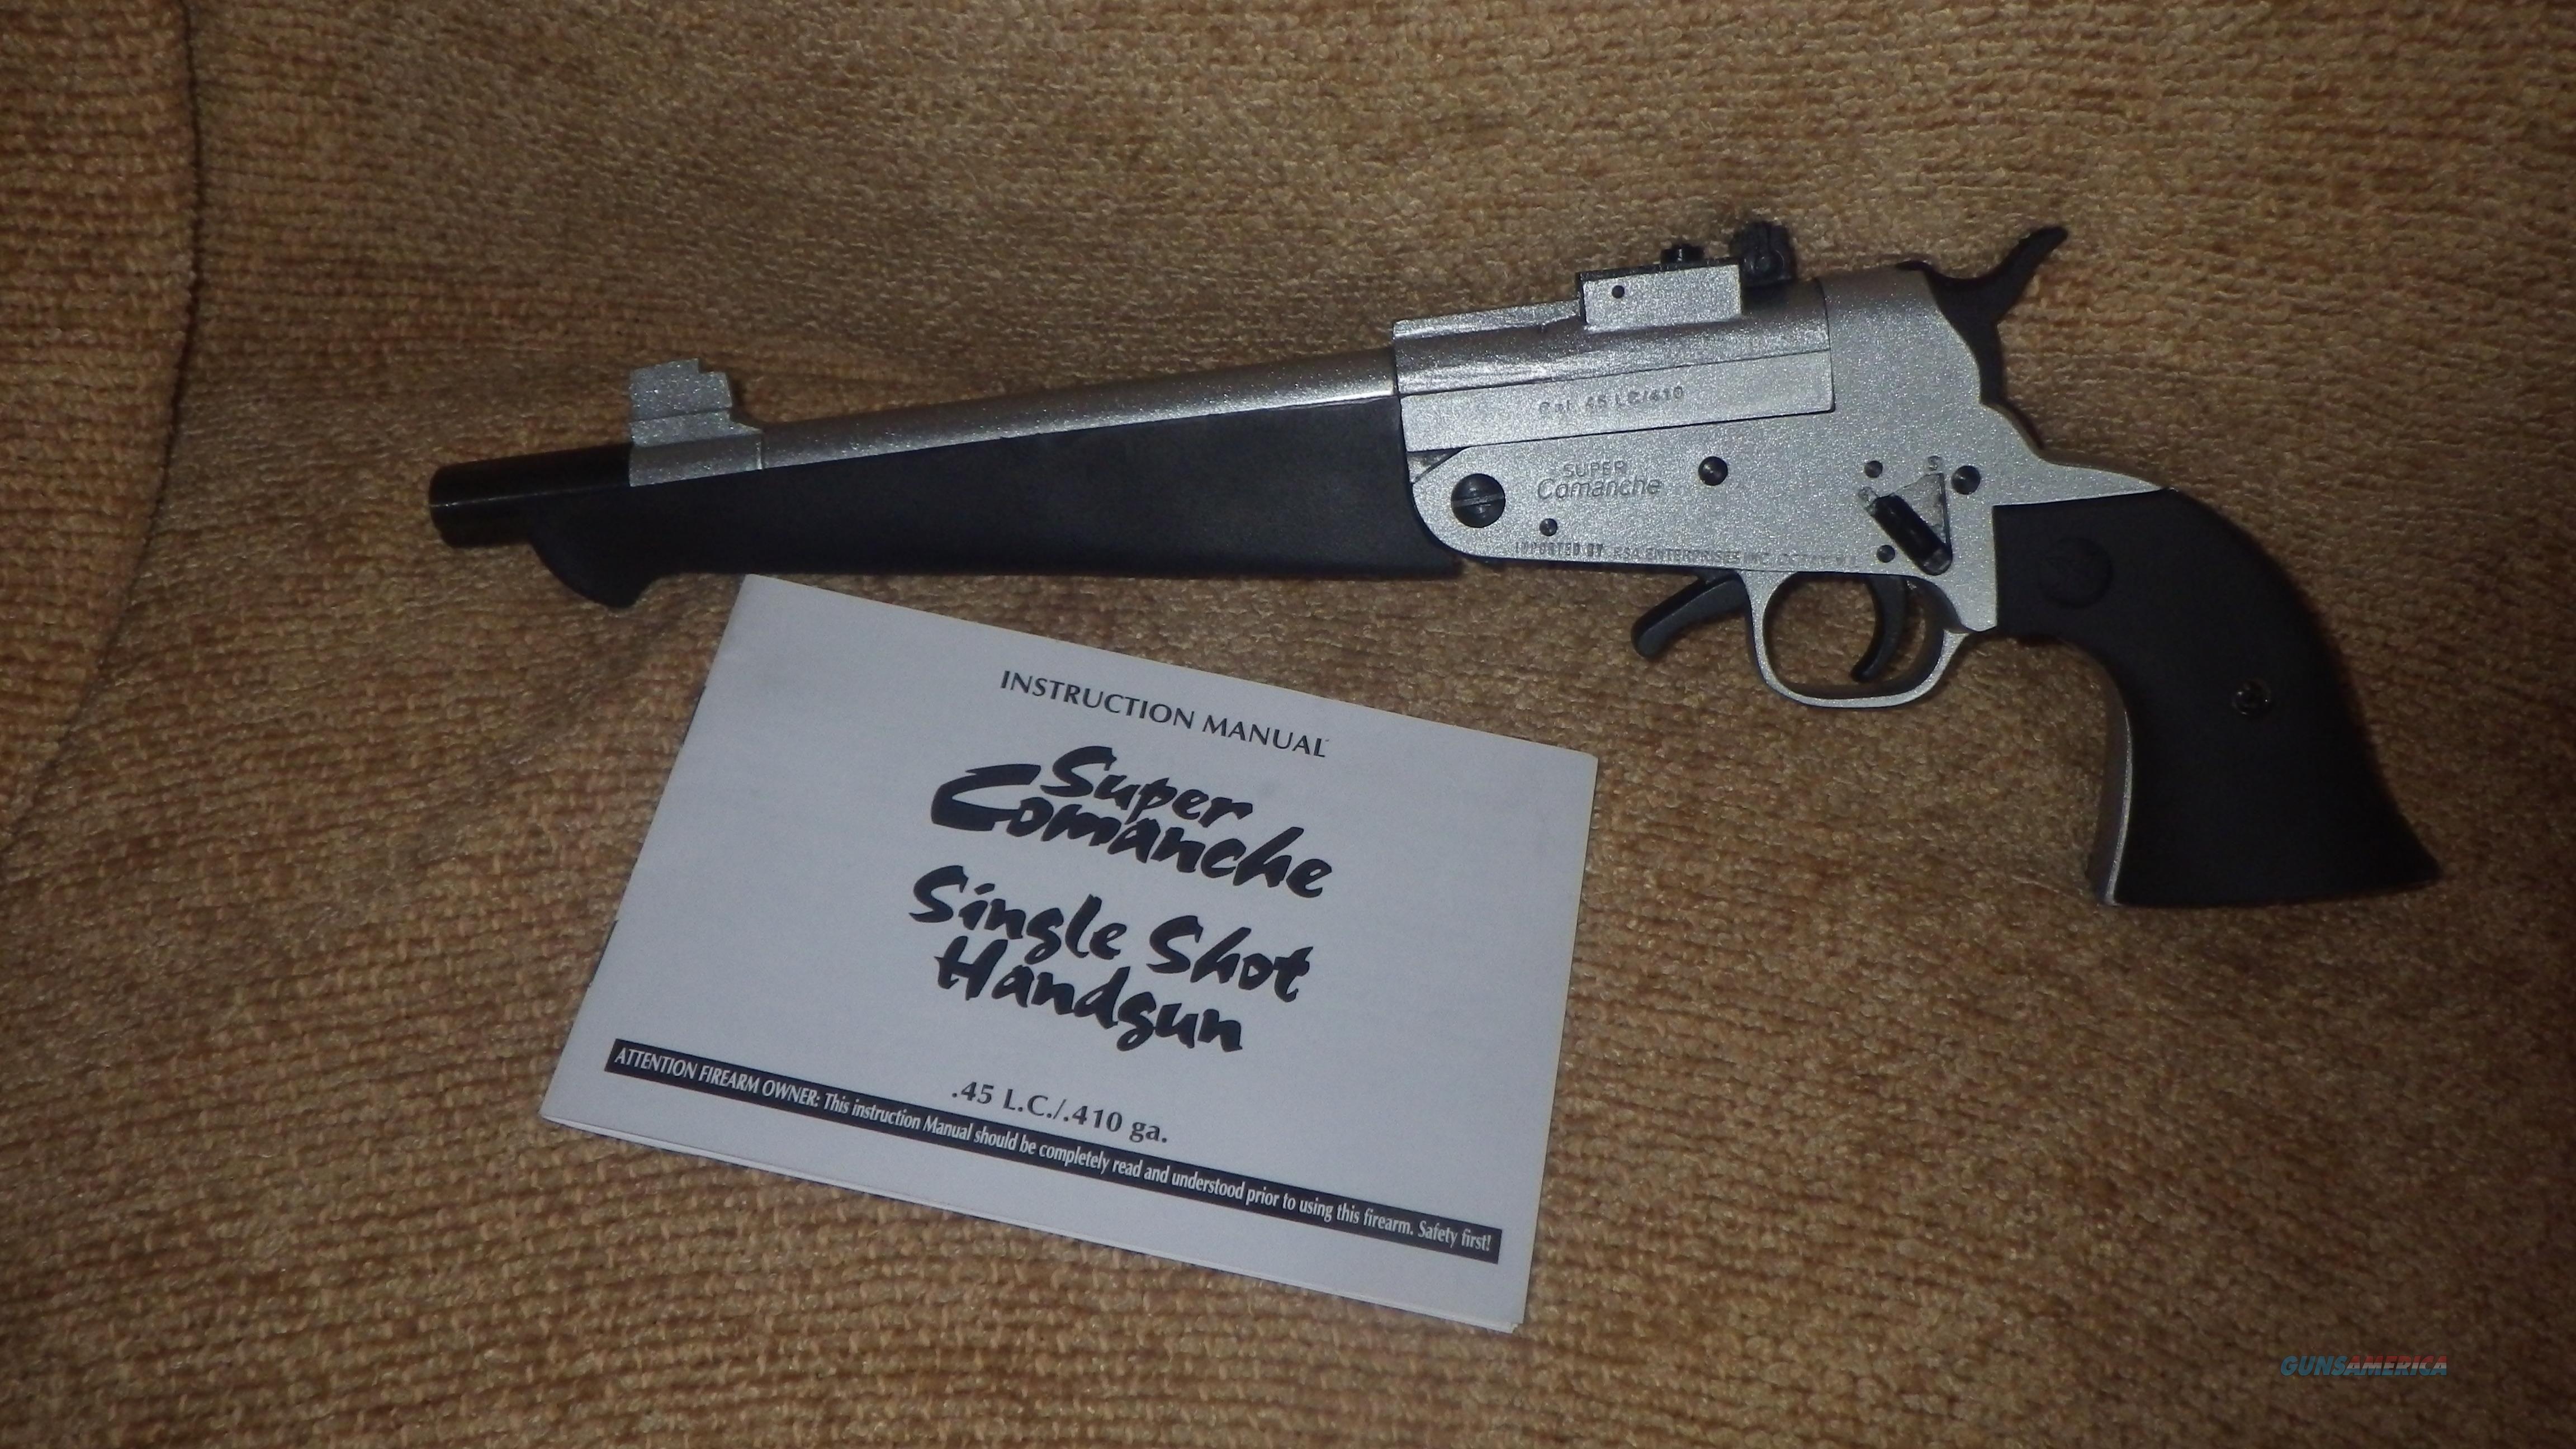 Super Comanche .45LC / 410 ga